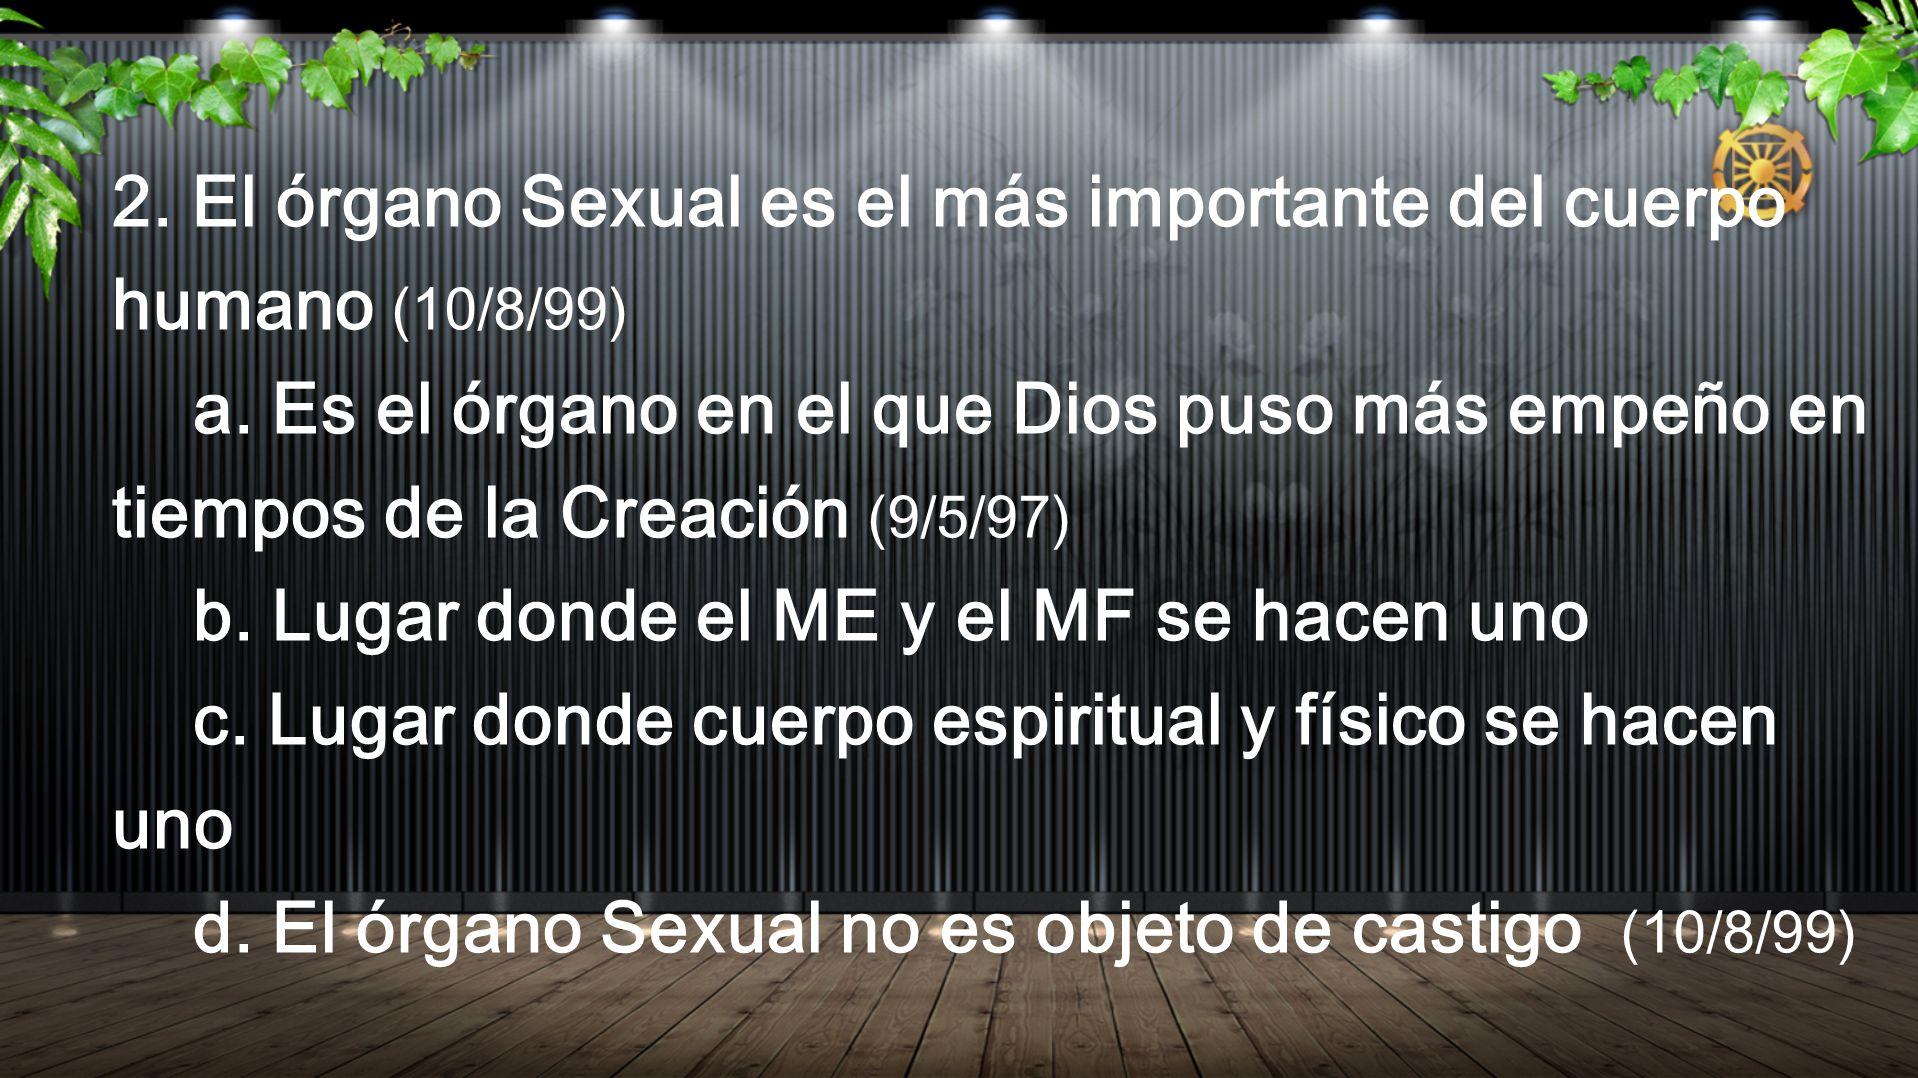 2. El órgano Sexual es el más importante del cuerpo humano (10/8/99)